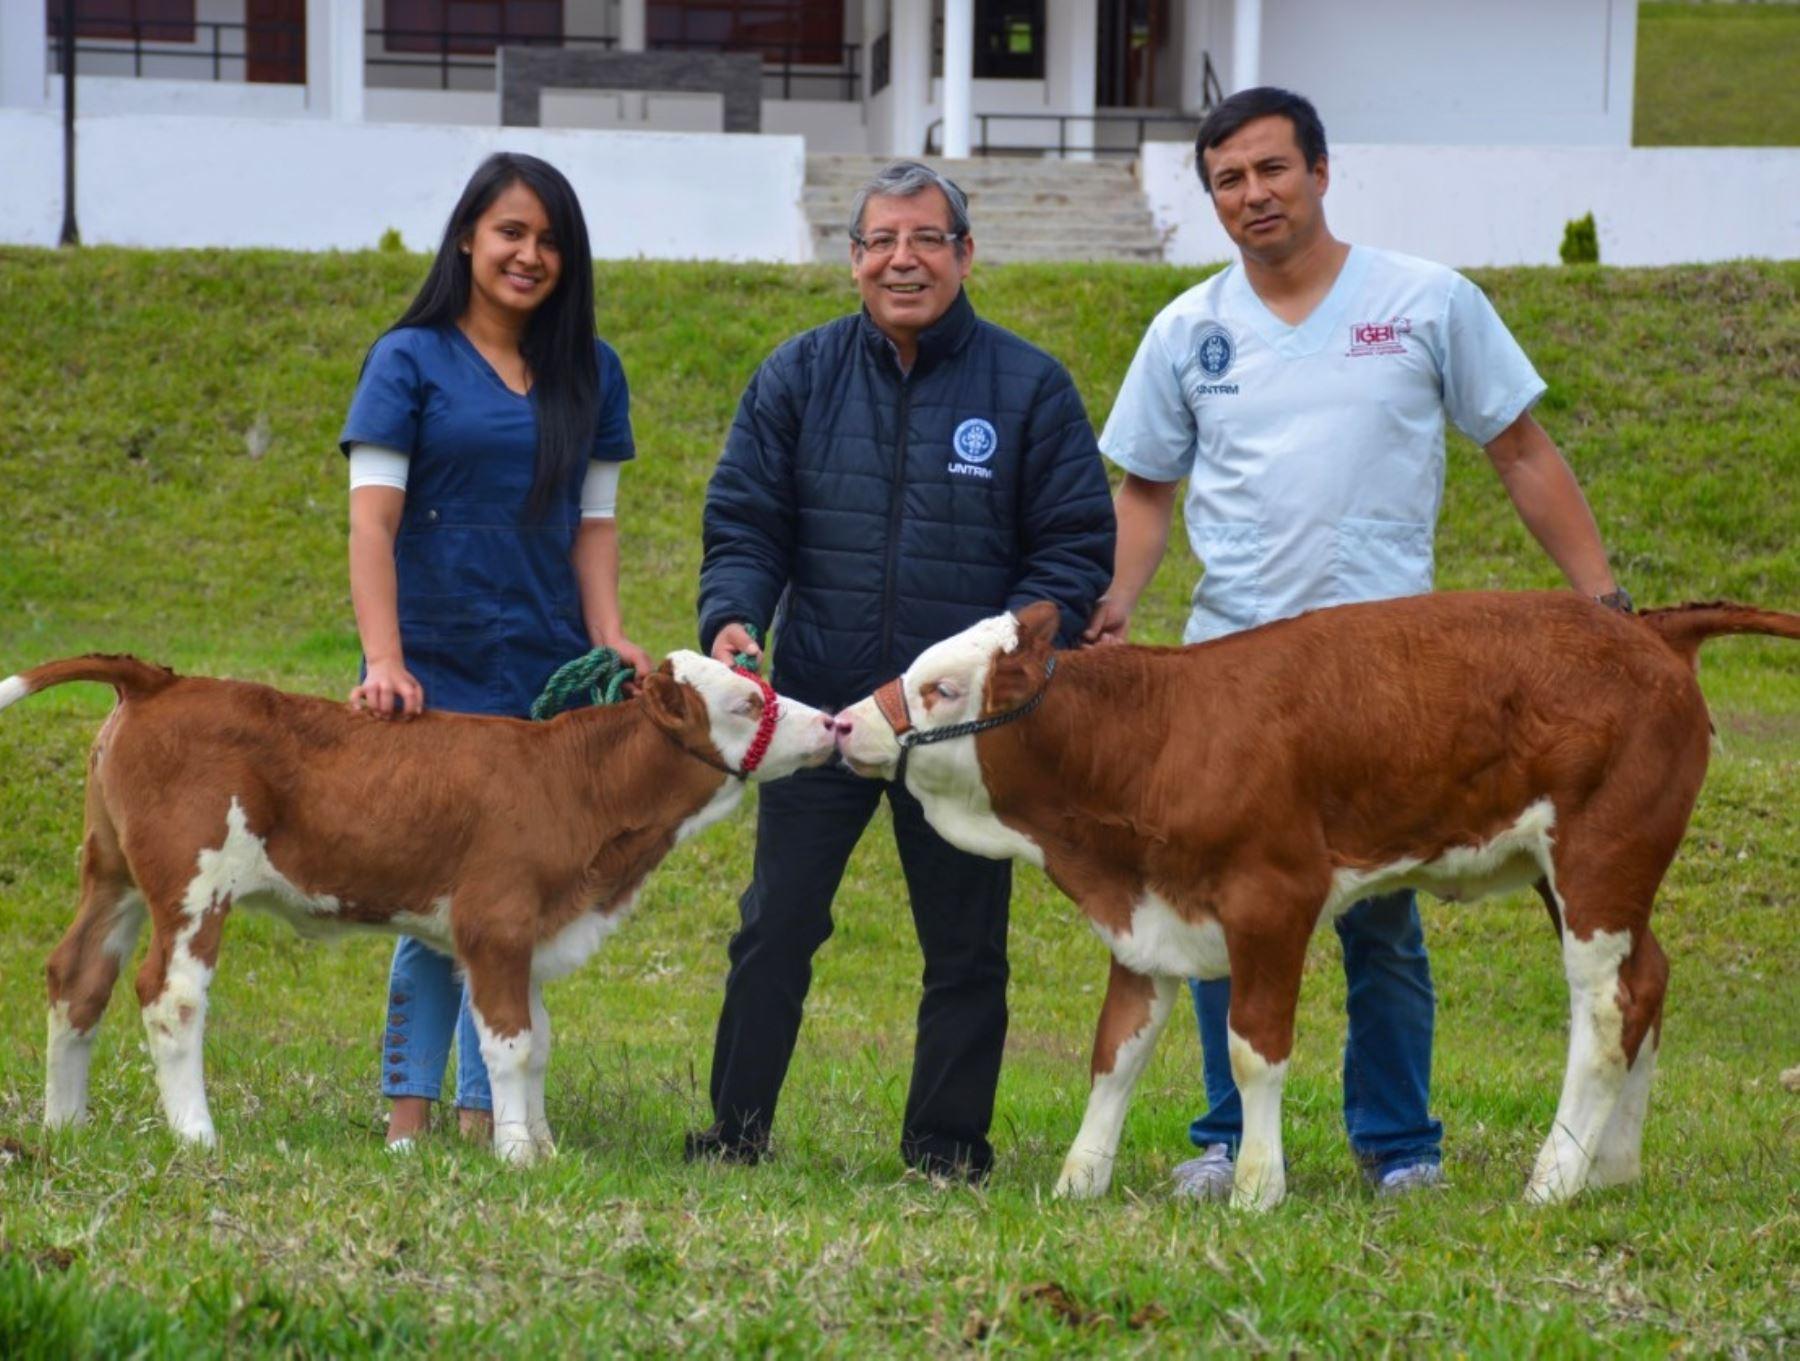 Científicos de la Universidad Nacional Toribio Rodríguez de Mendoza de Amazonas obtuvieron dos clones de una vaca alemana. ANDINA/Difusión